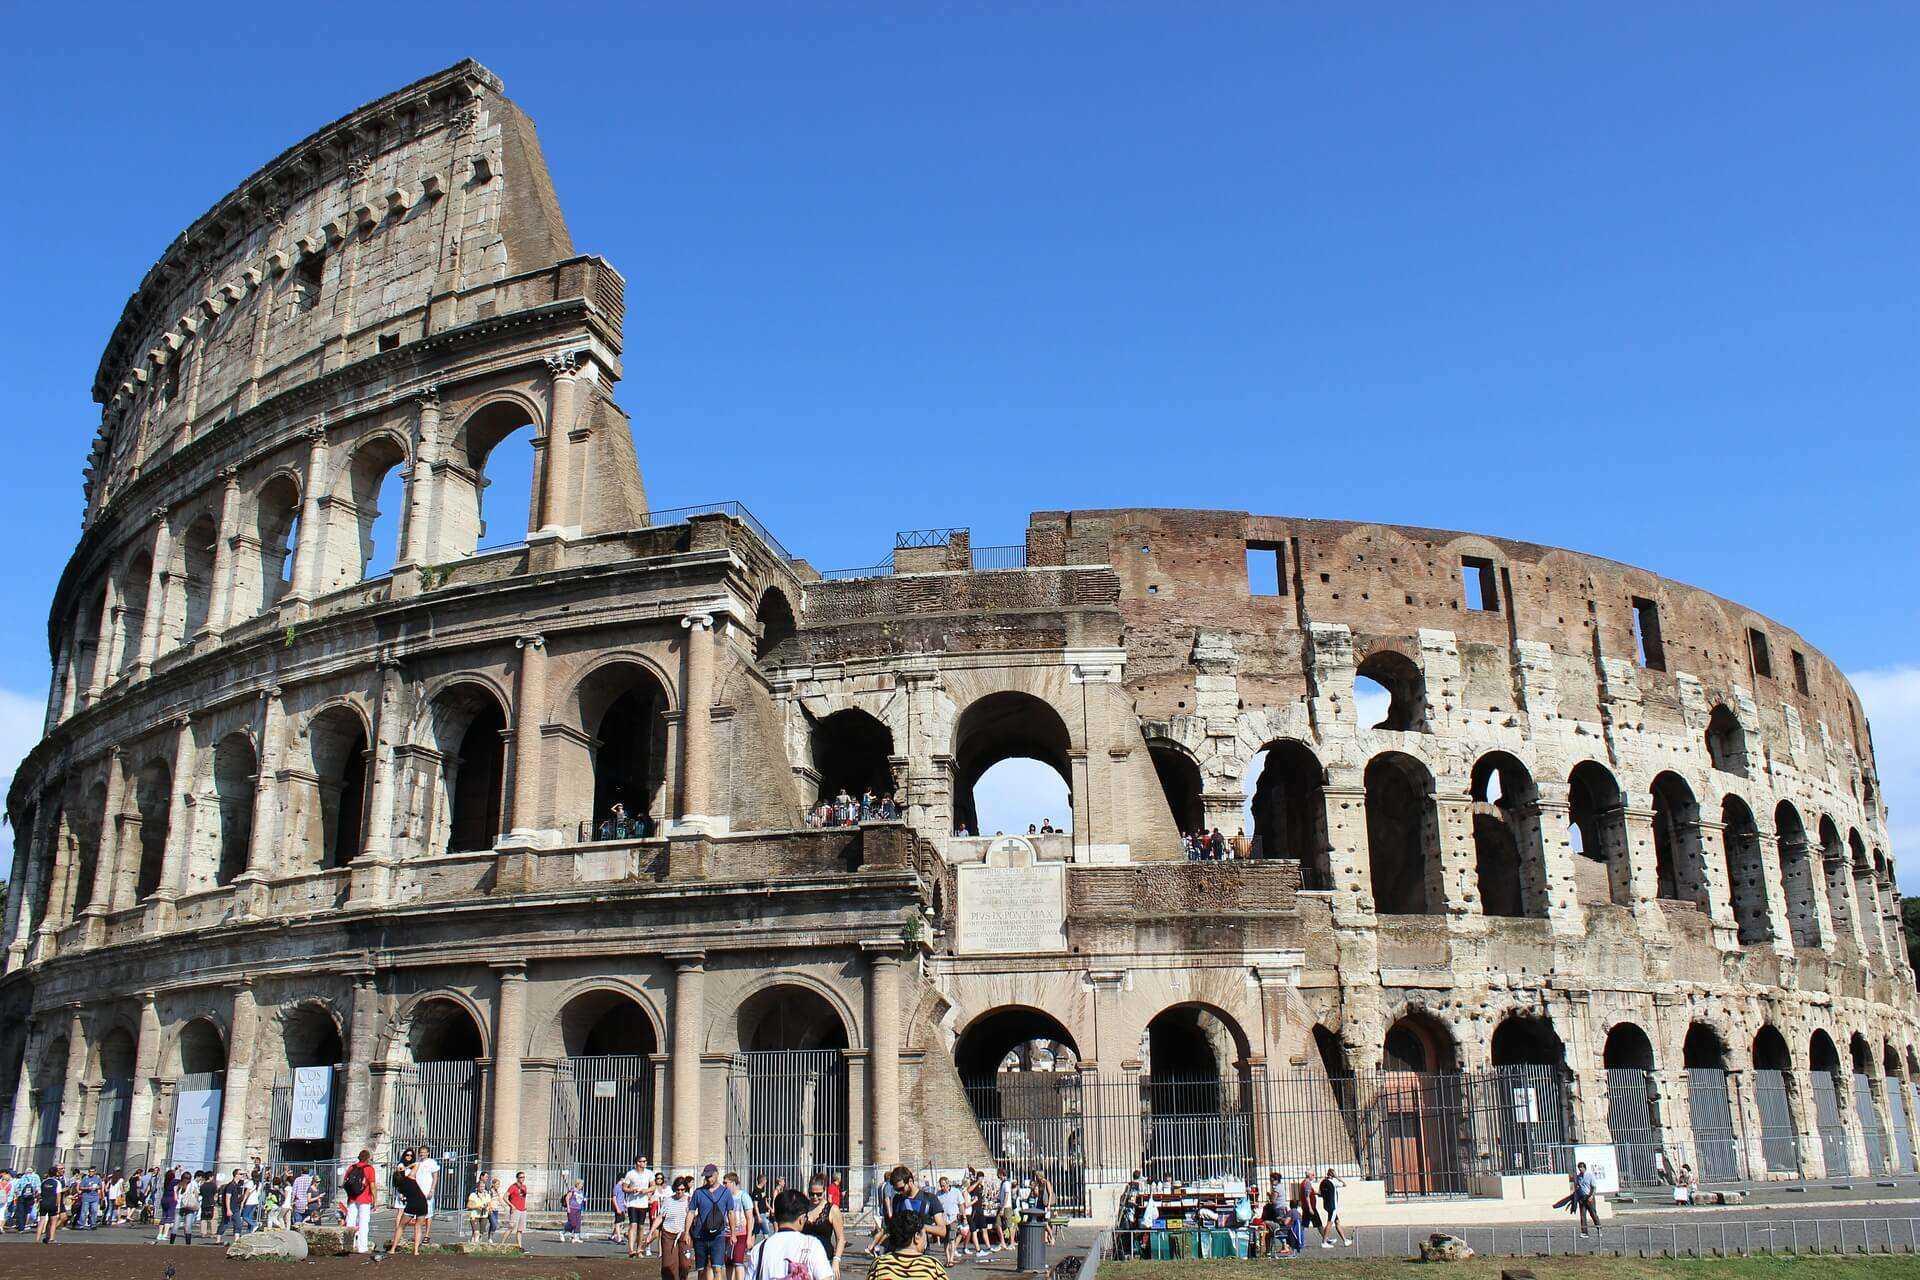 Direktflüge und Billigflüge ab Amsterdam nach Rom